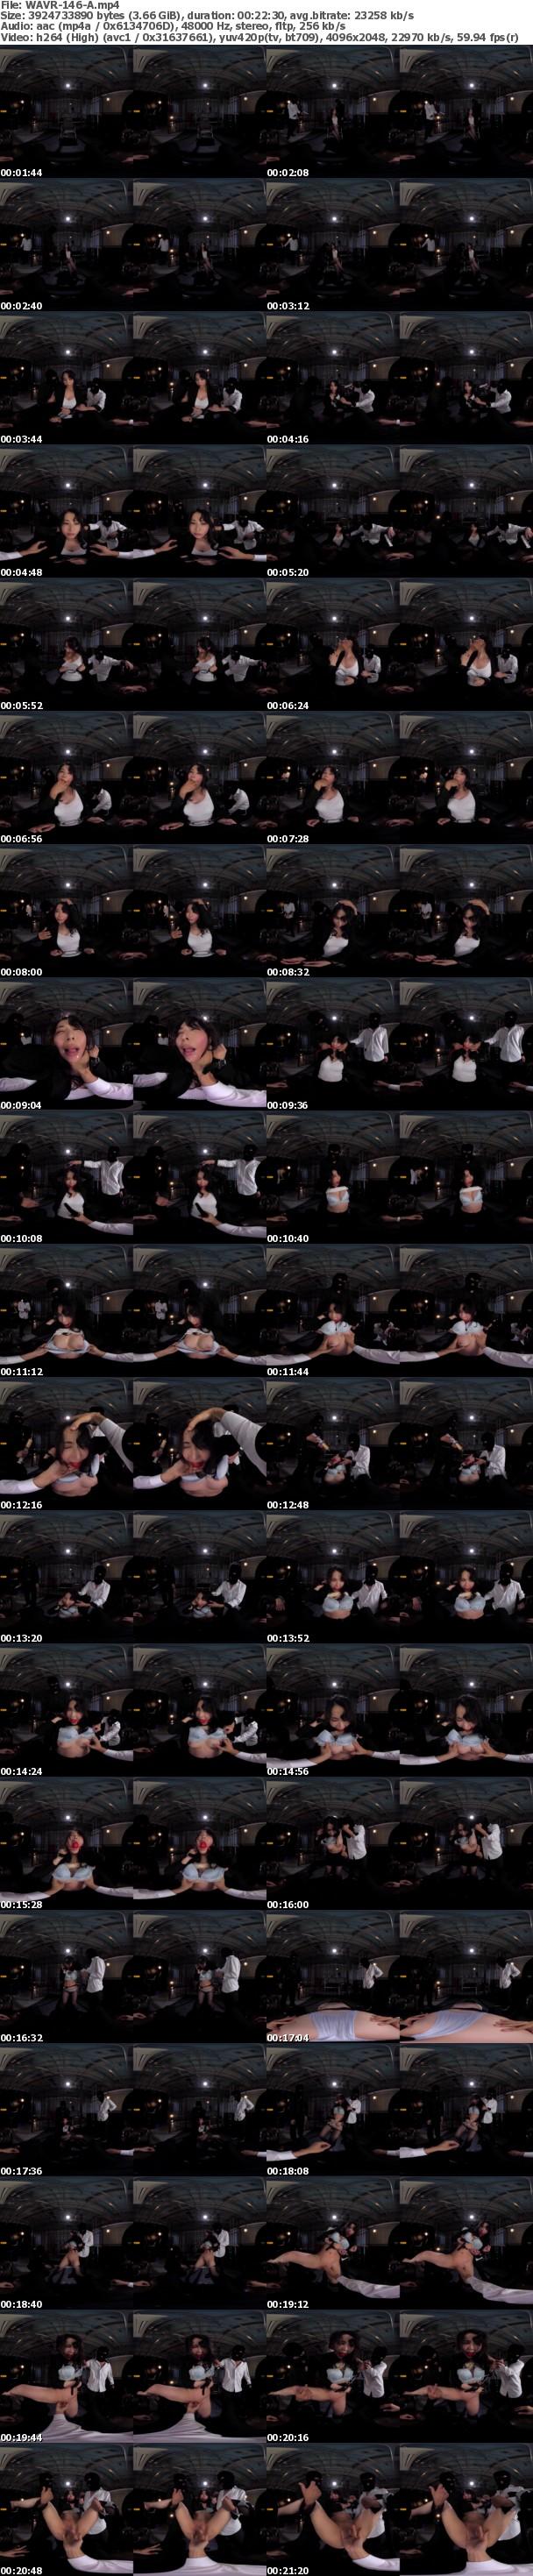 (VR) WAVR-146 どんなハードな凌●を受けても口を割らない気高き女捜査官VR 2 前作を超える再ハード!ビンタ&水責め&マ○コスパンキング&電気ショック&媚薬注入&アナル責め…!部下を助けるためにアジトに潜入した女捜査官に拷問ショック再び…!! 晶エリー